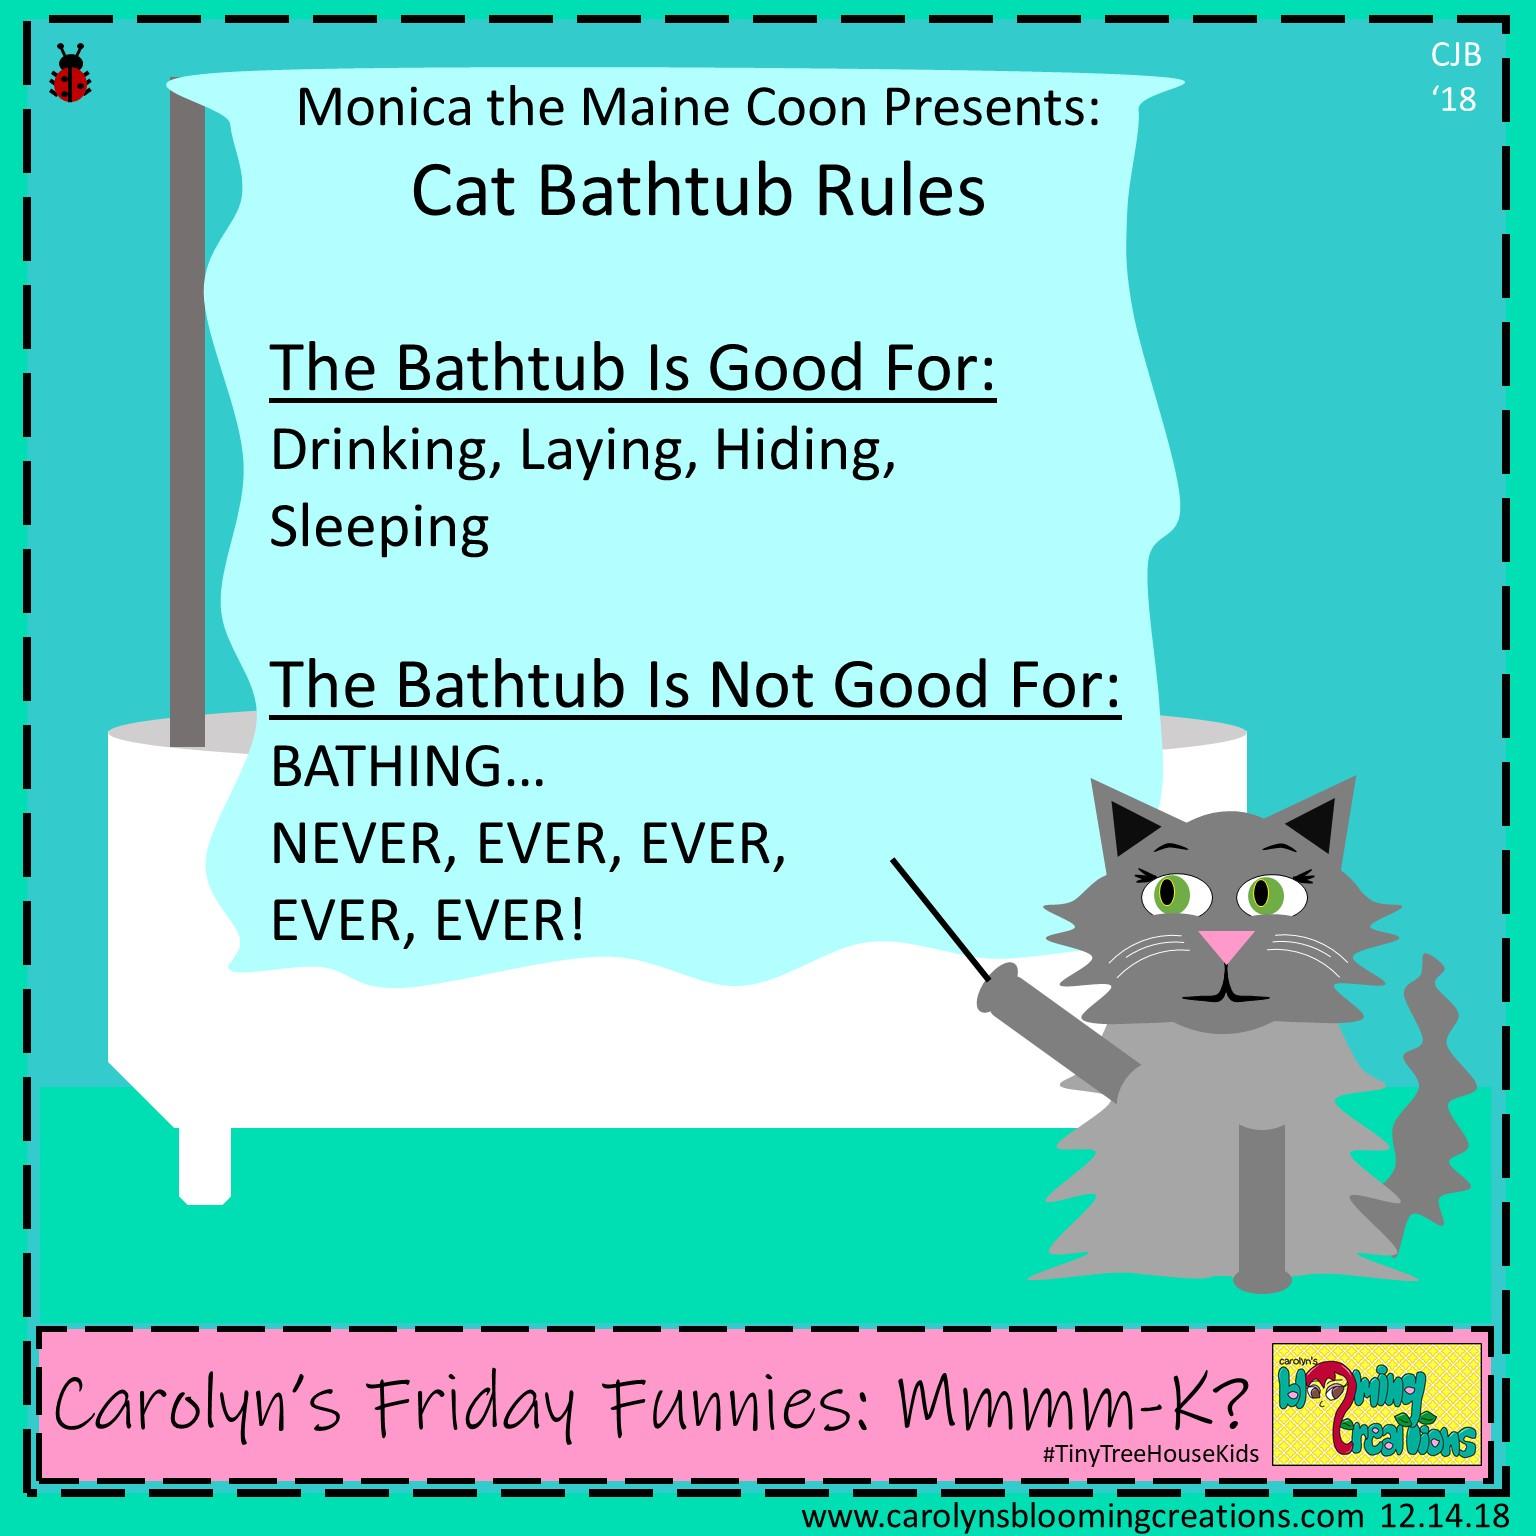 Carolyn Braden friday funny Mmmmkkkkk.jpg